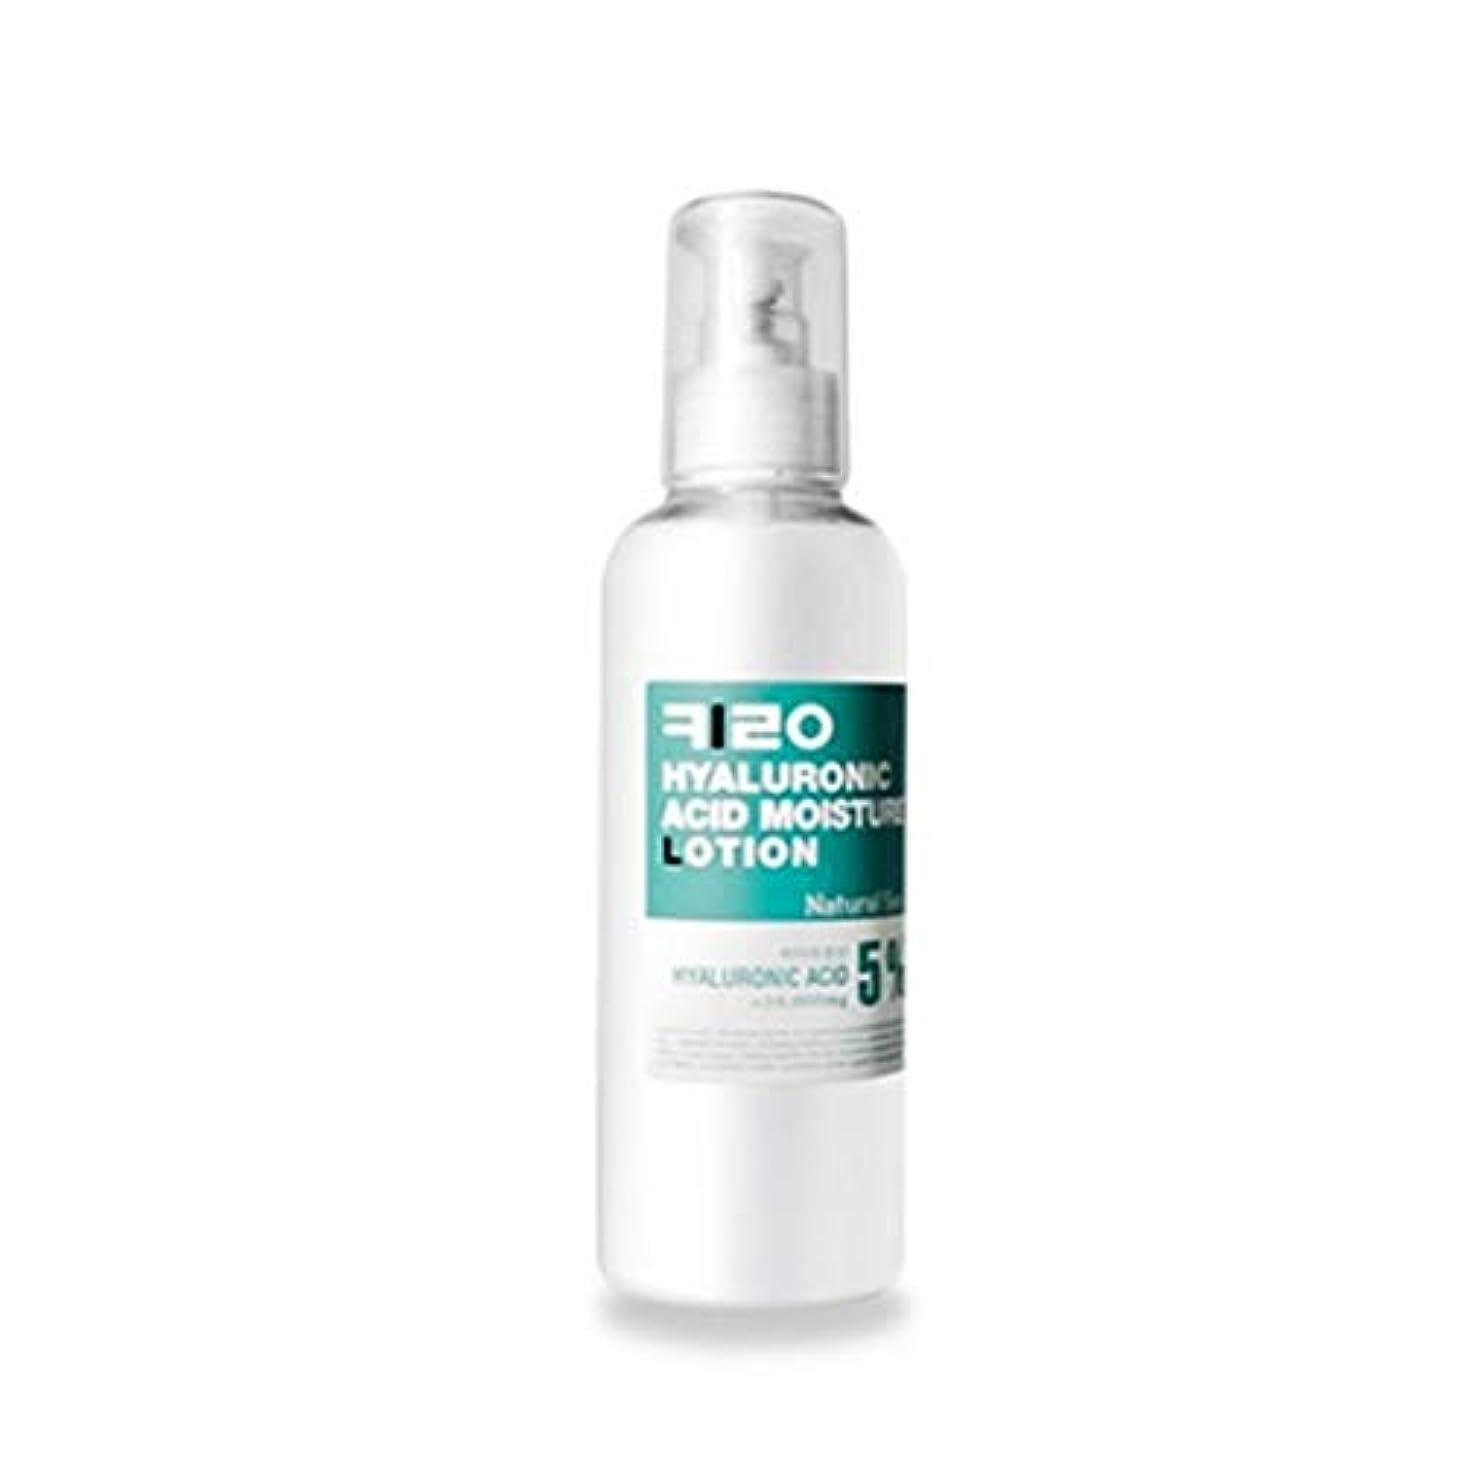 騙すジャンク海洋のナチュラルSooキーロヒアルロン酸モイスチャーローション200g韓国コスメ、Natural Soo Hyaluronic Acid Moisture Lotion 200g Korean Cosmetics [並行輸入品]